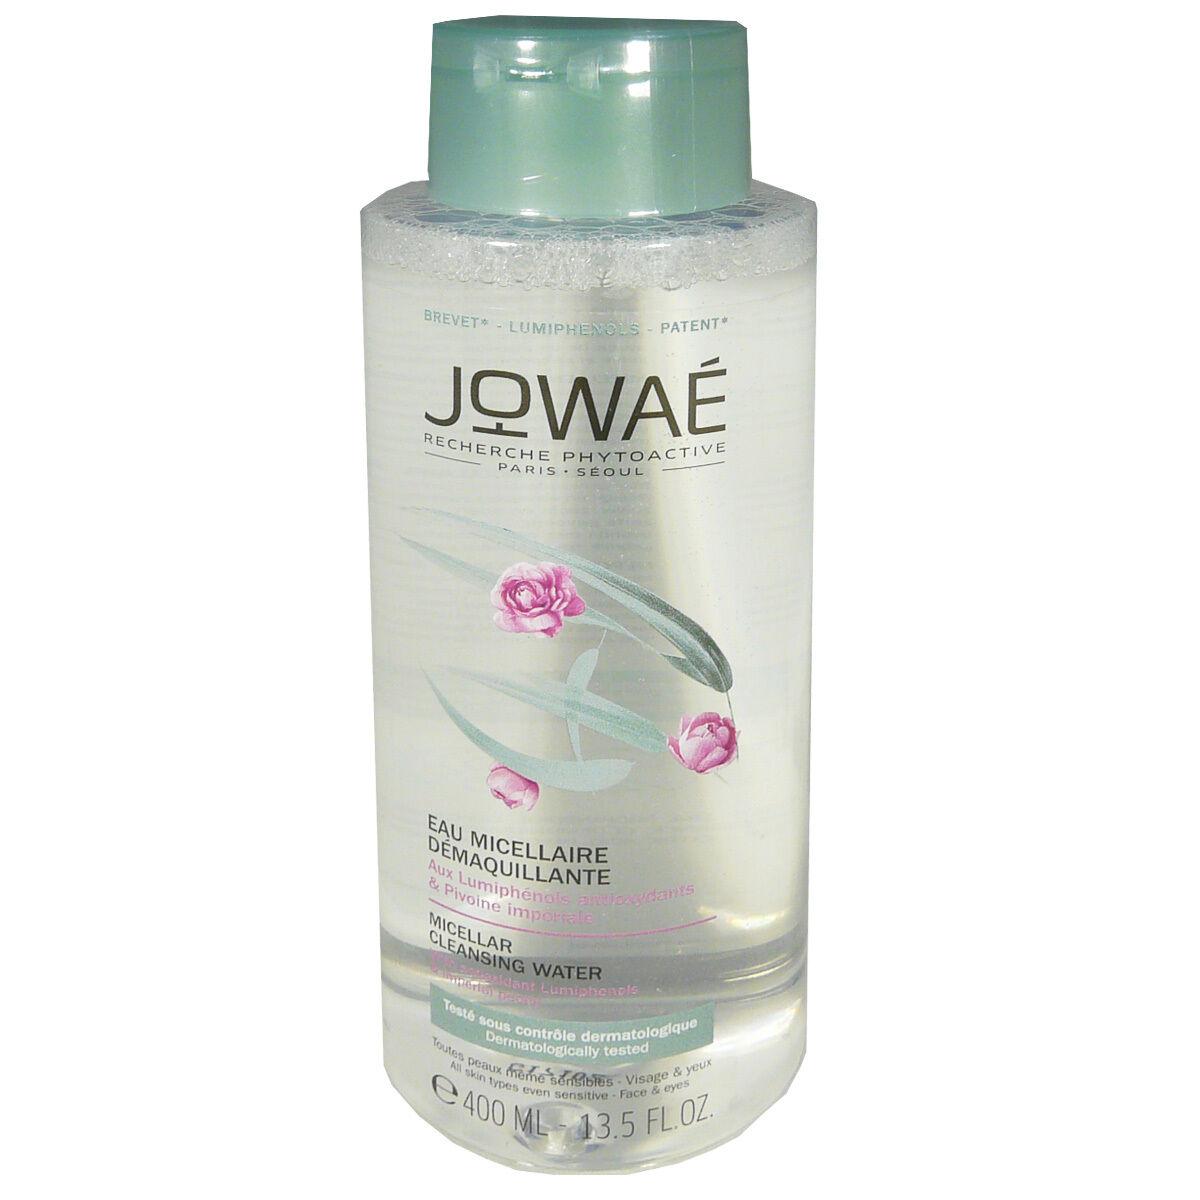 Jowae eau micellaire demaquillante 400 ml